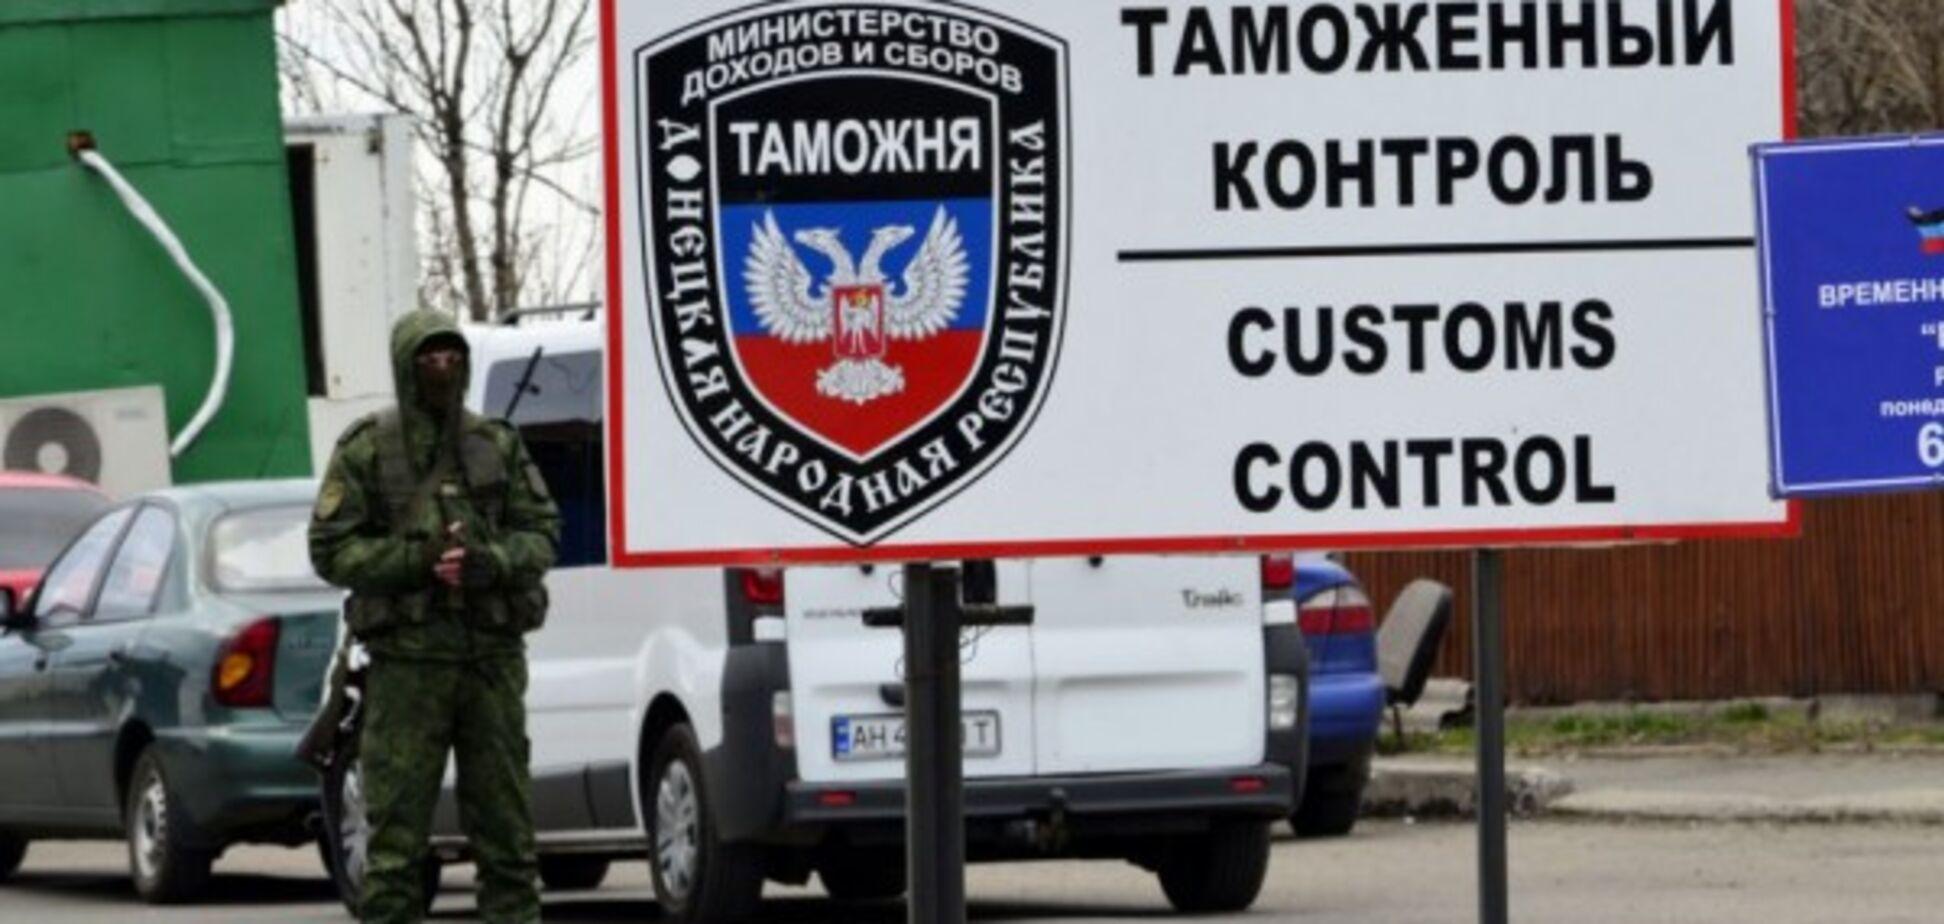 'Таможня' работает: в сети рассказали об абсурдных поборах в 'Л/ДНР'